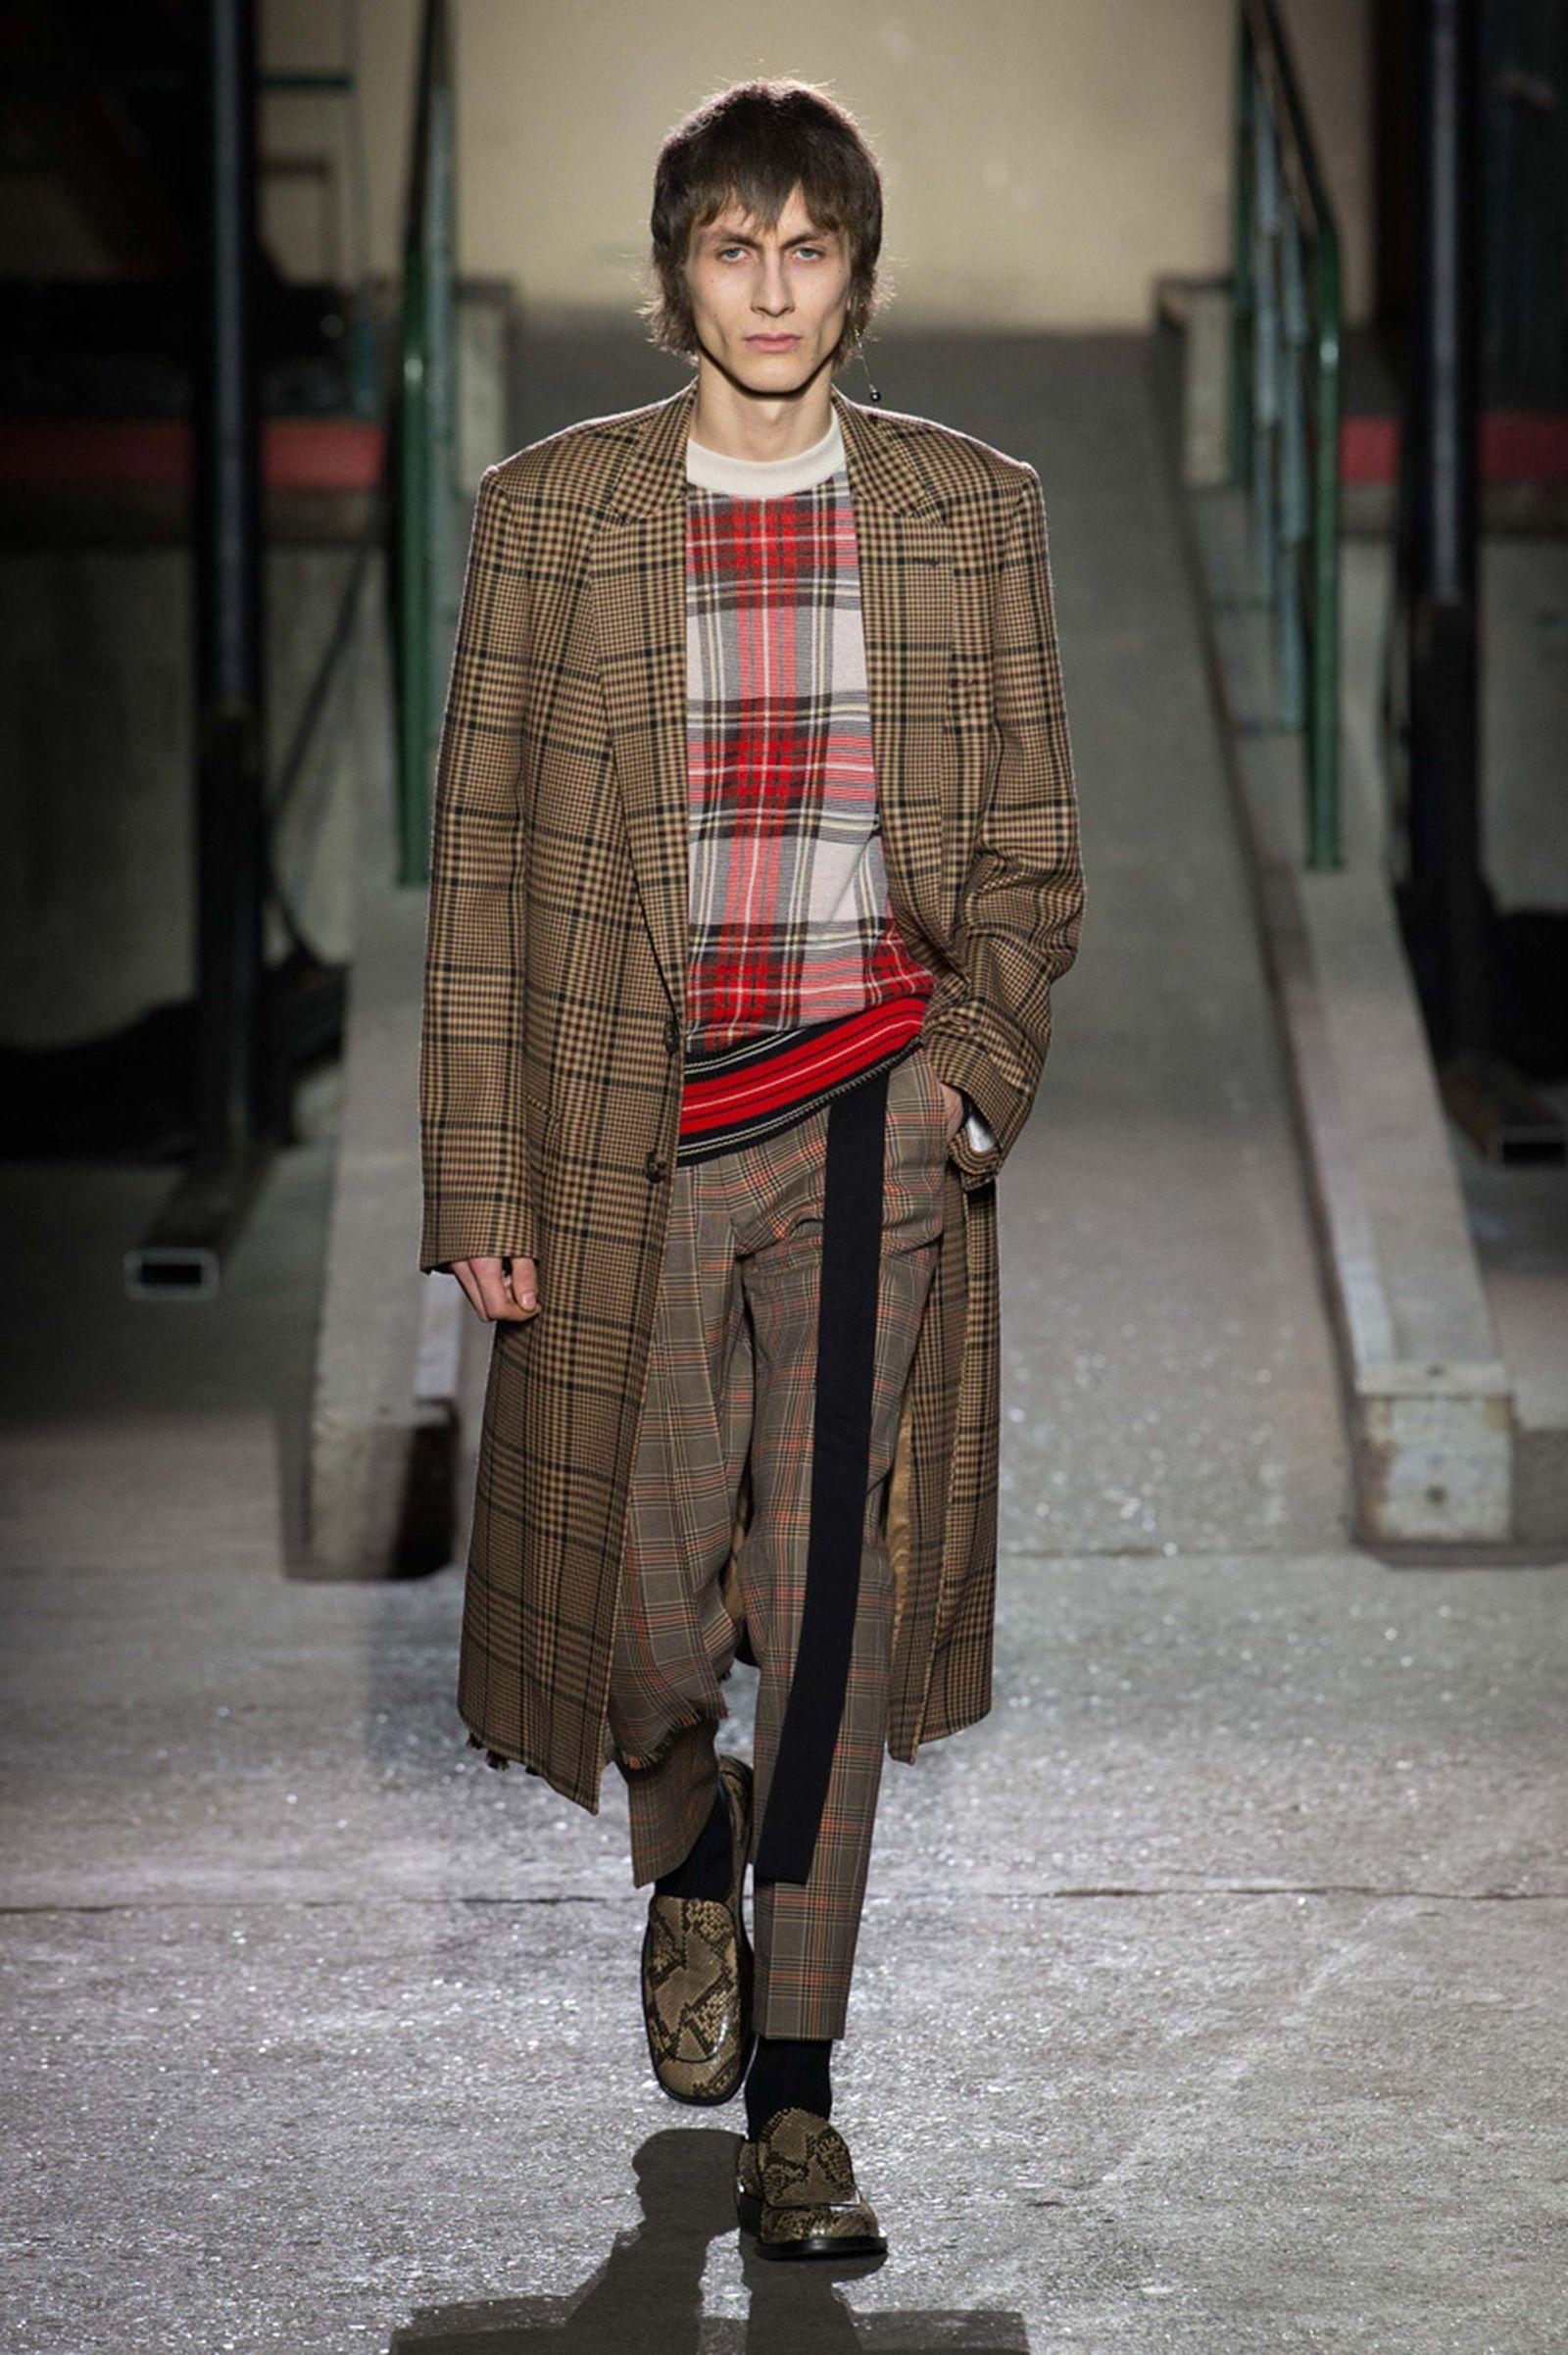 dries van noten AW18 19 look001 fashion week 2018 paris fashion week runway